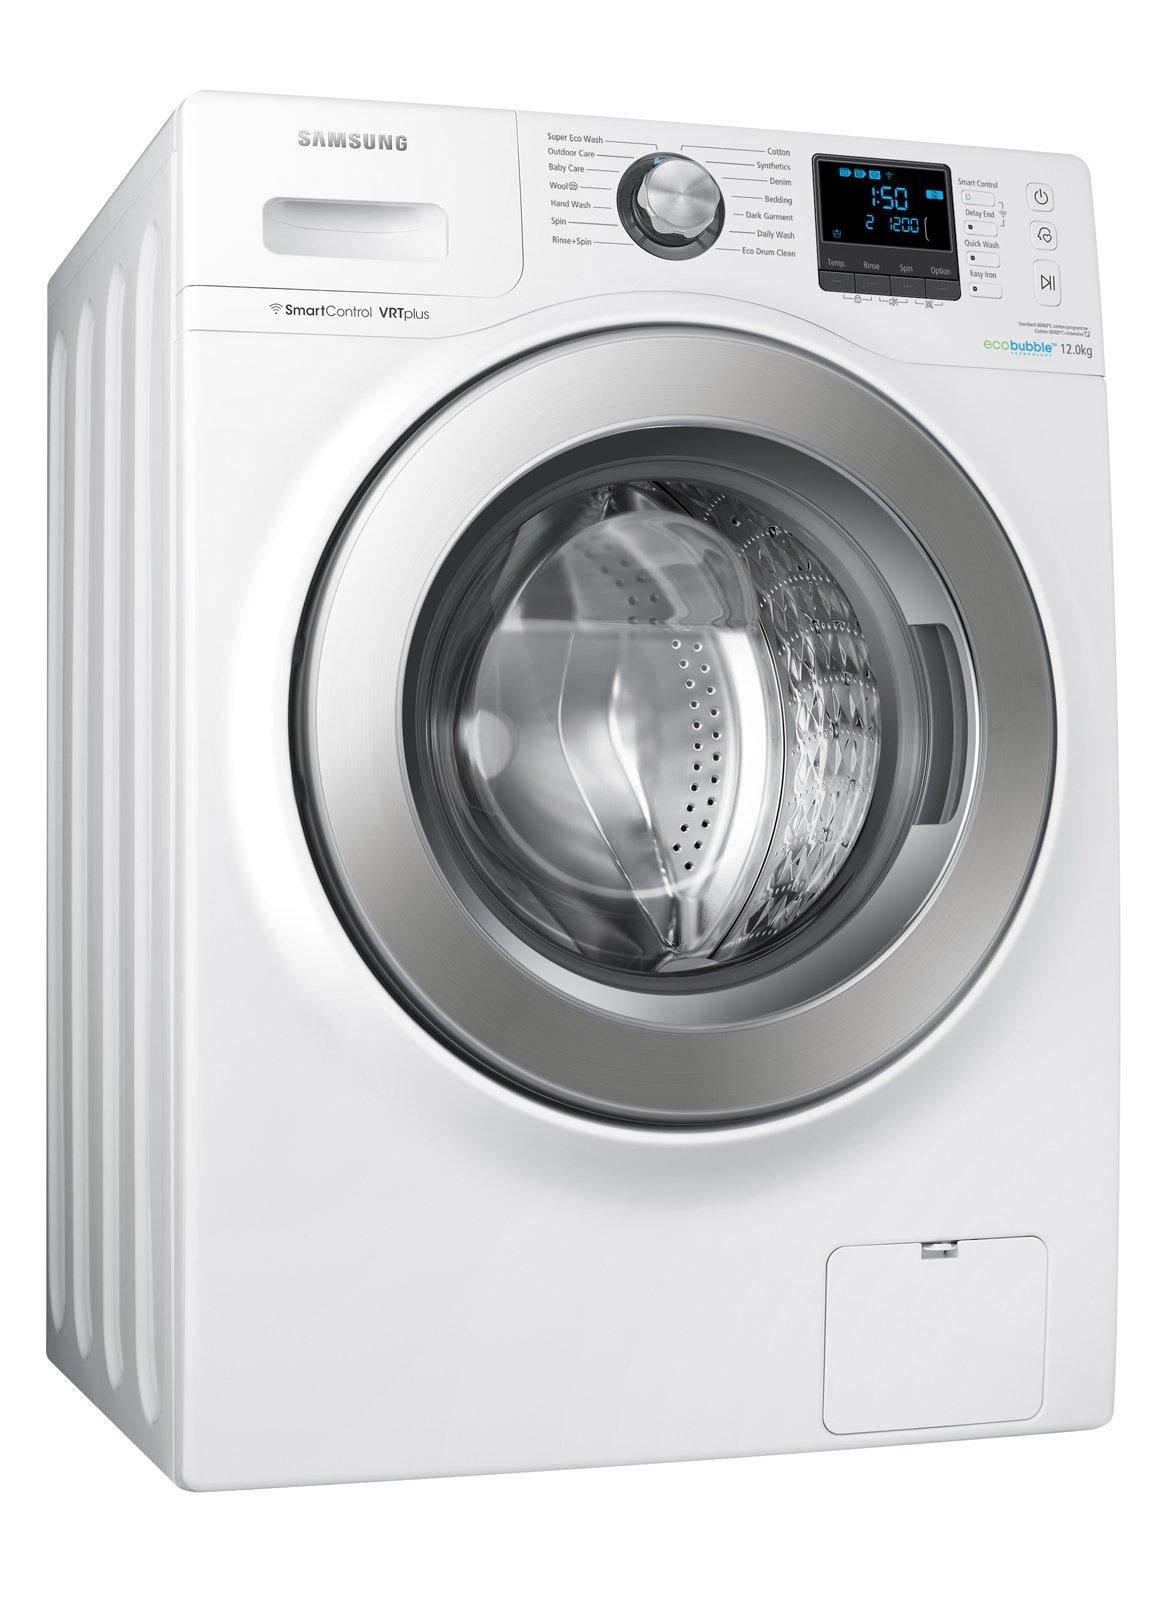 Lavatrice samsung inverter condizionatore manuale for Termostato baxi istruzioni